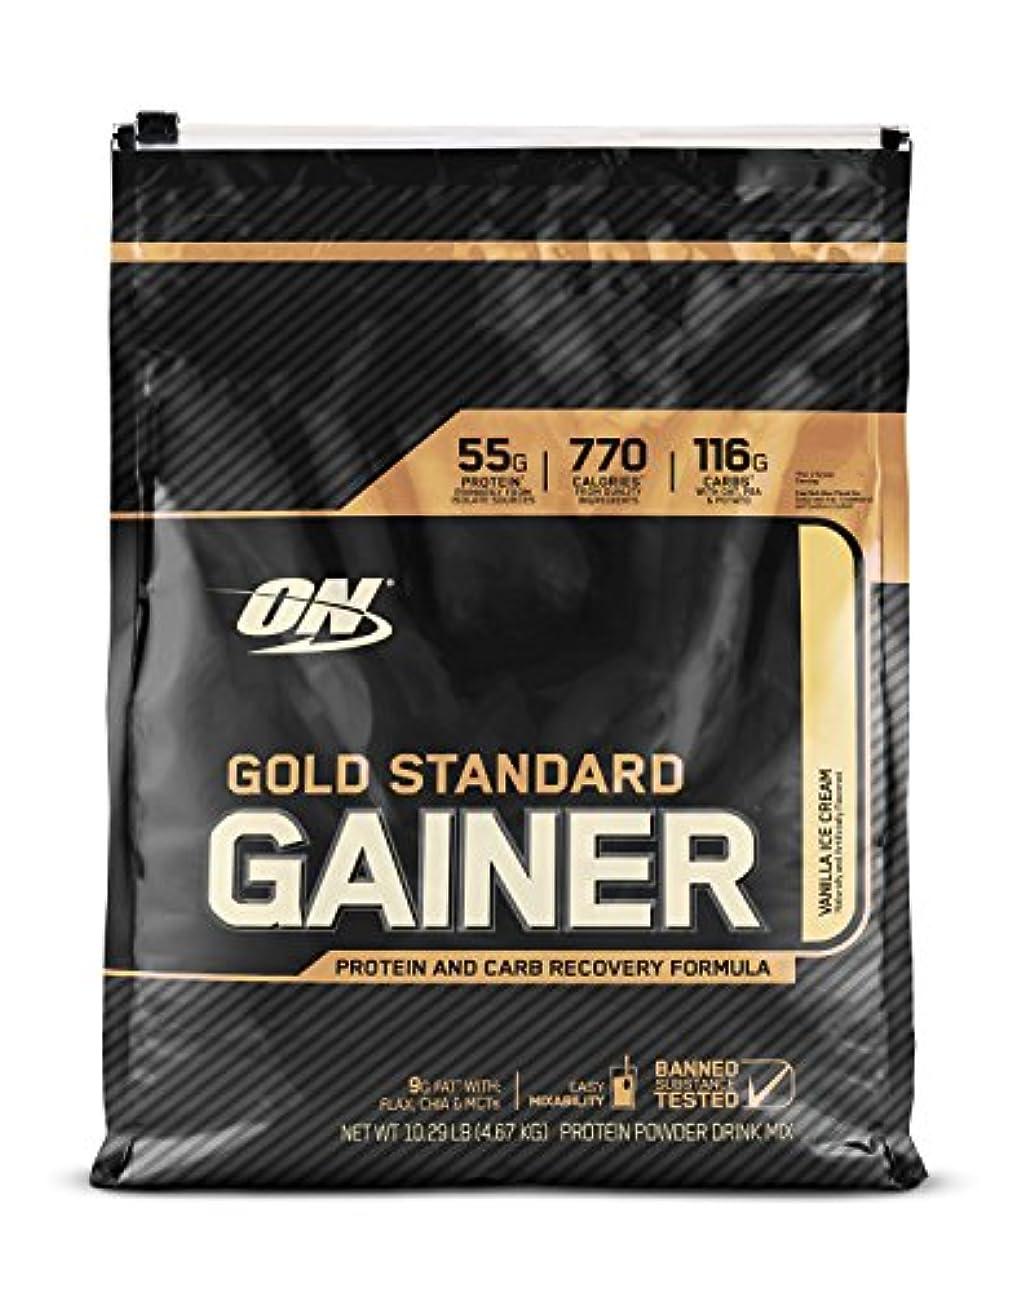 アプライアンスマチュピチュ安全なゴールドスタンダード ゲイナー 10LB バニラアイスクリーム (Gold Standard Gainer 10LB Vanilla Ice Cream) [海外直送品]